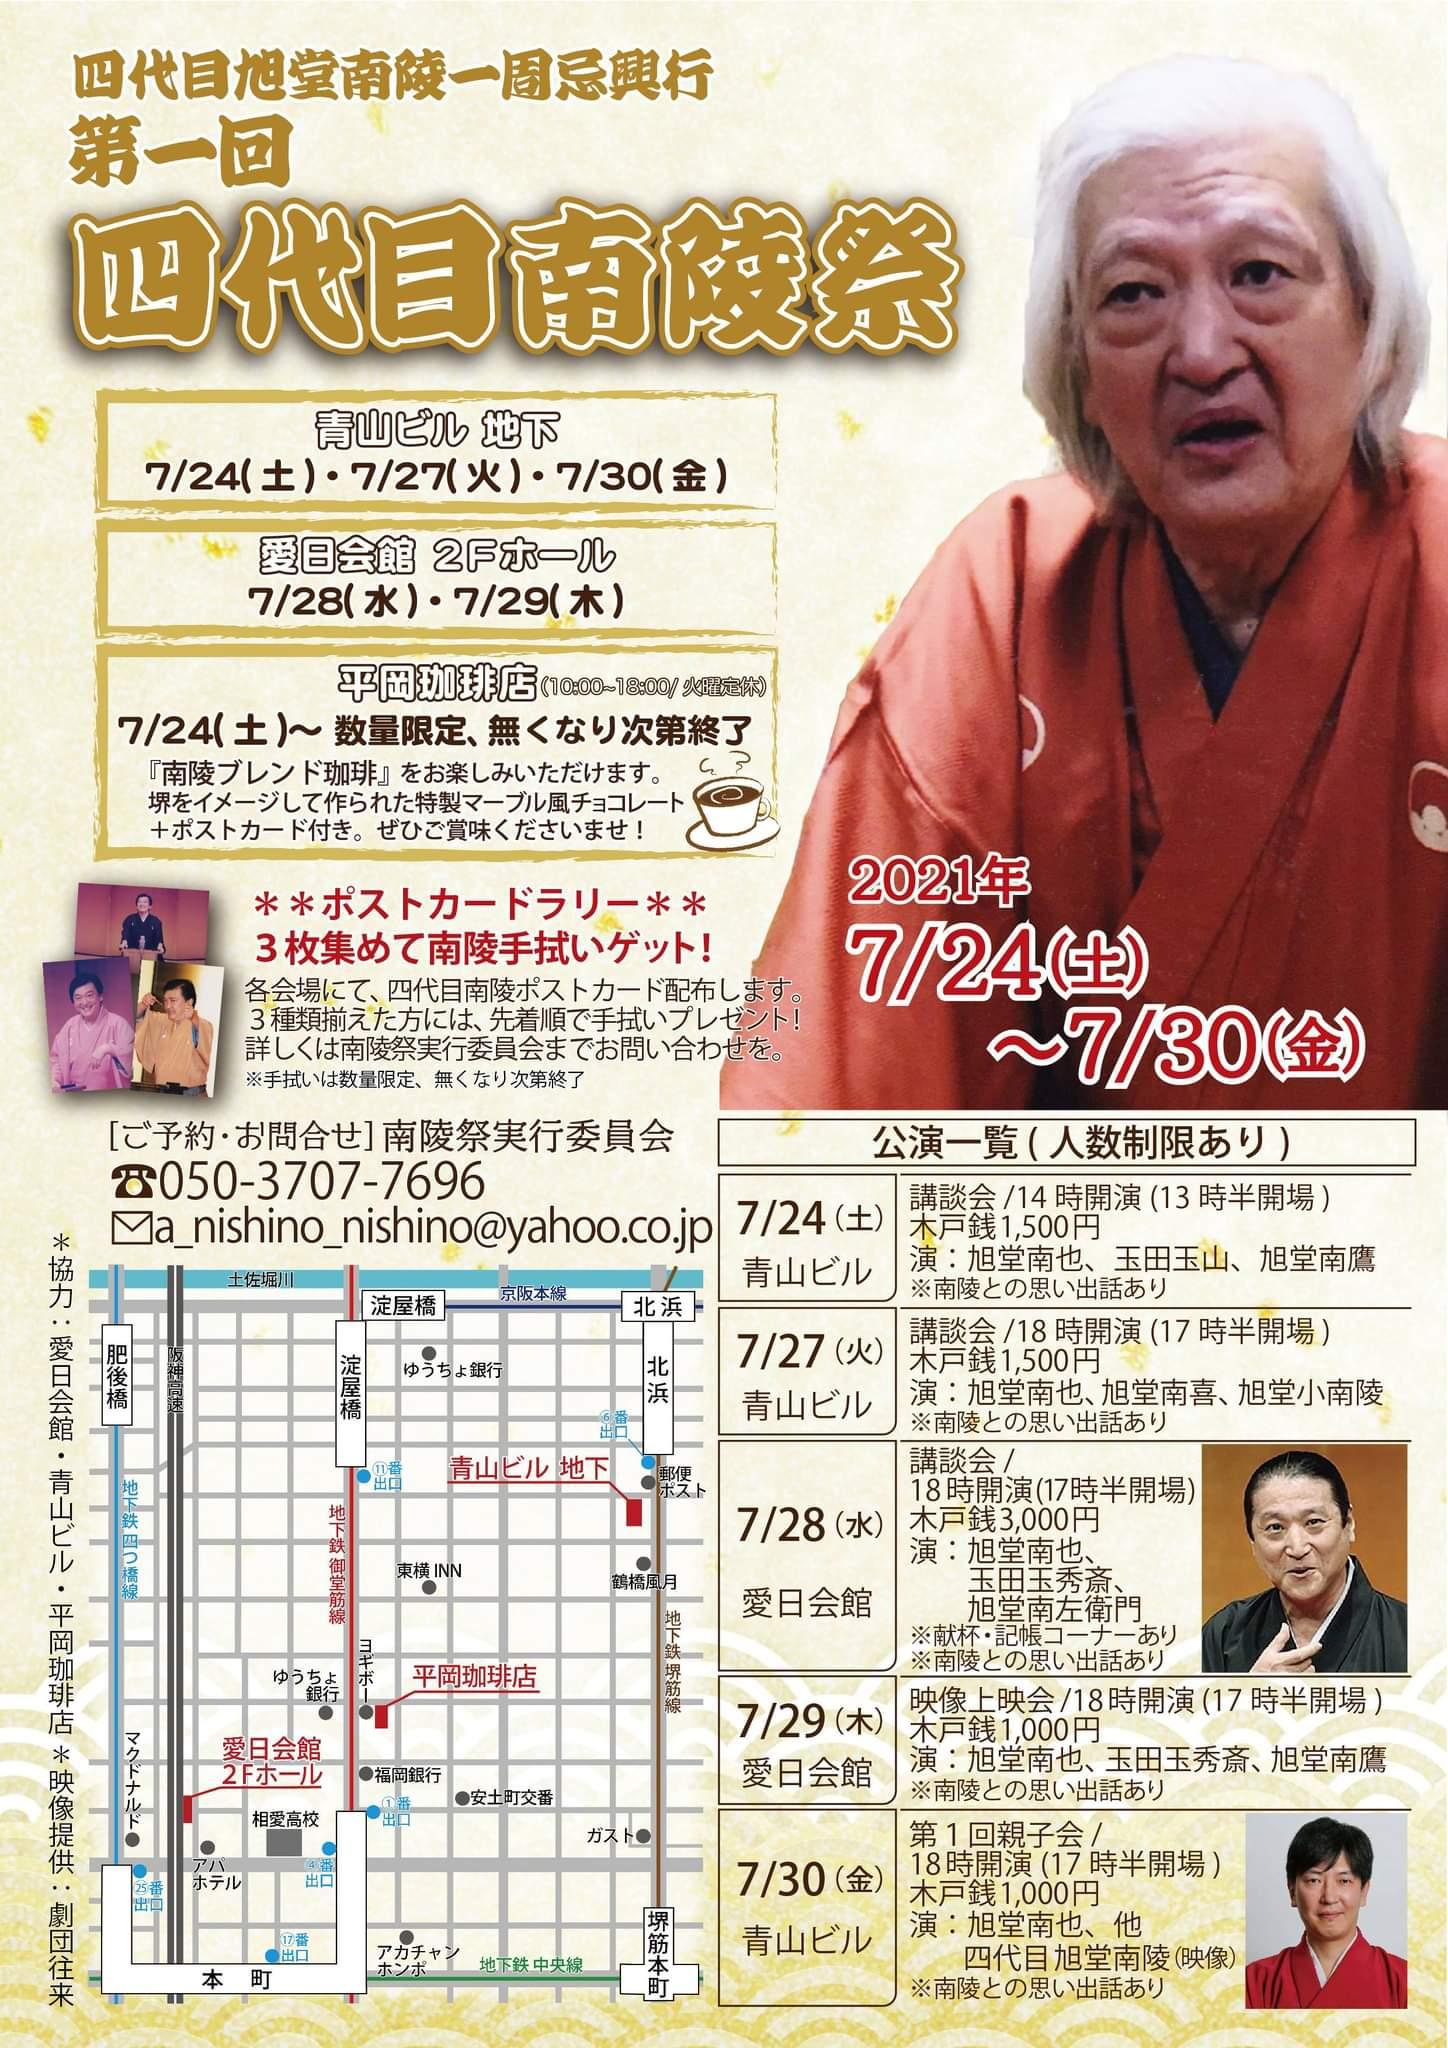 7月24日(土)~30日(金) 第1回四代目南陵祭